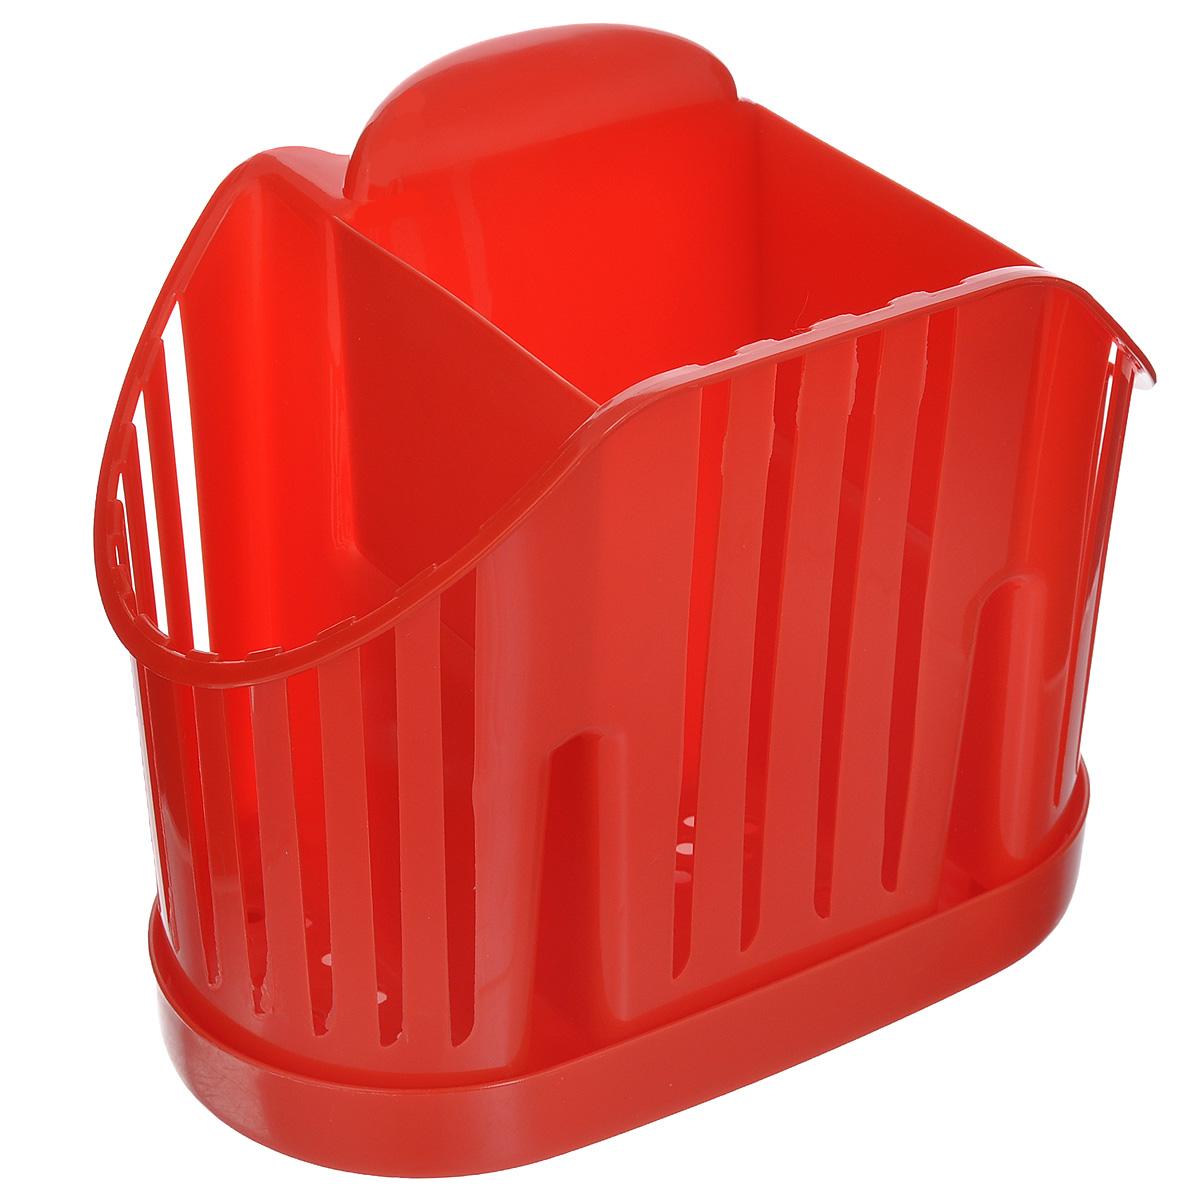 Подставка для столовых приборов Idea, цвет: красныйFA-5125 WhiteПодставка для столовых приборов Idea, выполненная из высококачественного полипропилена, станет полезным приобретением для вашей кухни. Изделие оснащено 3 секциями для различных столовых приборов. Дно и стенки имеют перфорацию для легкого стока жидкости, которую собирает поддон.Такая подставка поможет аккуратно рассортировать все столовые приборы и тем самым поддерживать порядок на кухне.Размер подставки: 13,5 см х 17,5 см х 11 см.Размер поддона: 18,5 см х 10 см х 2 см.